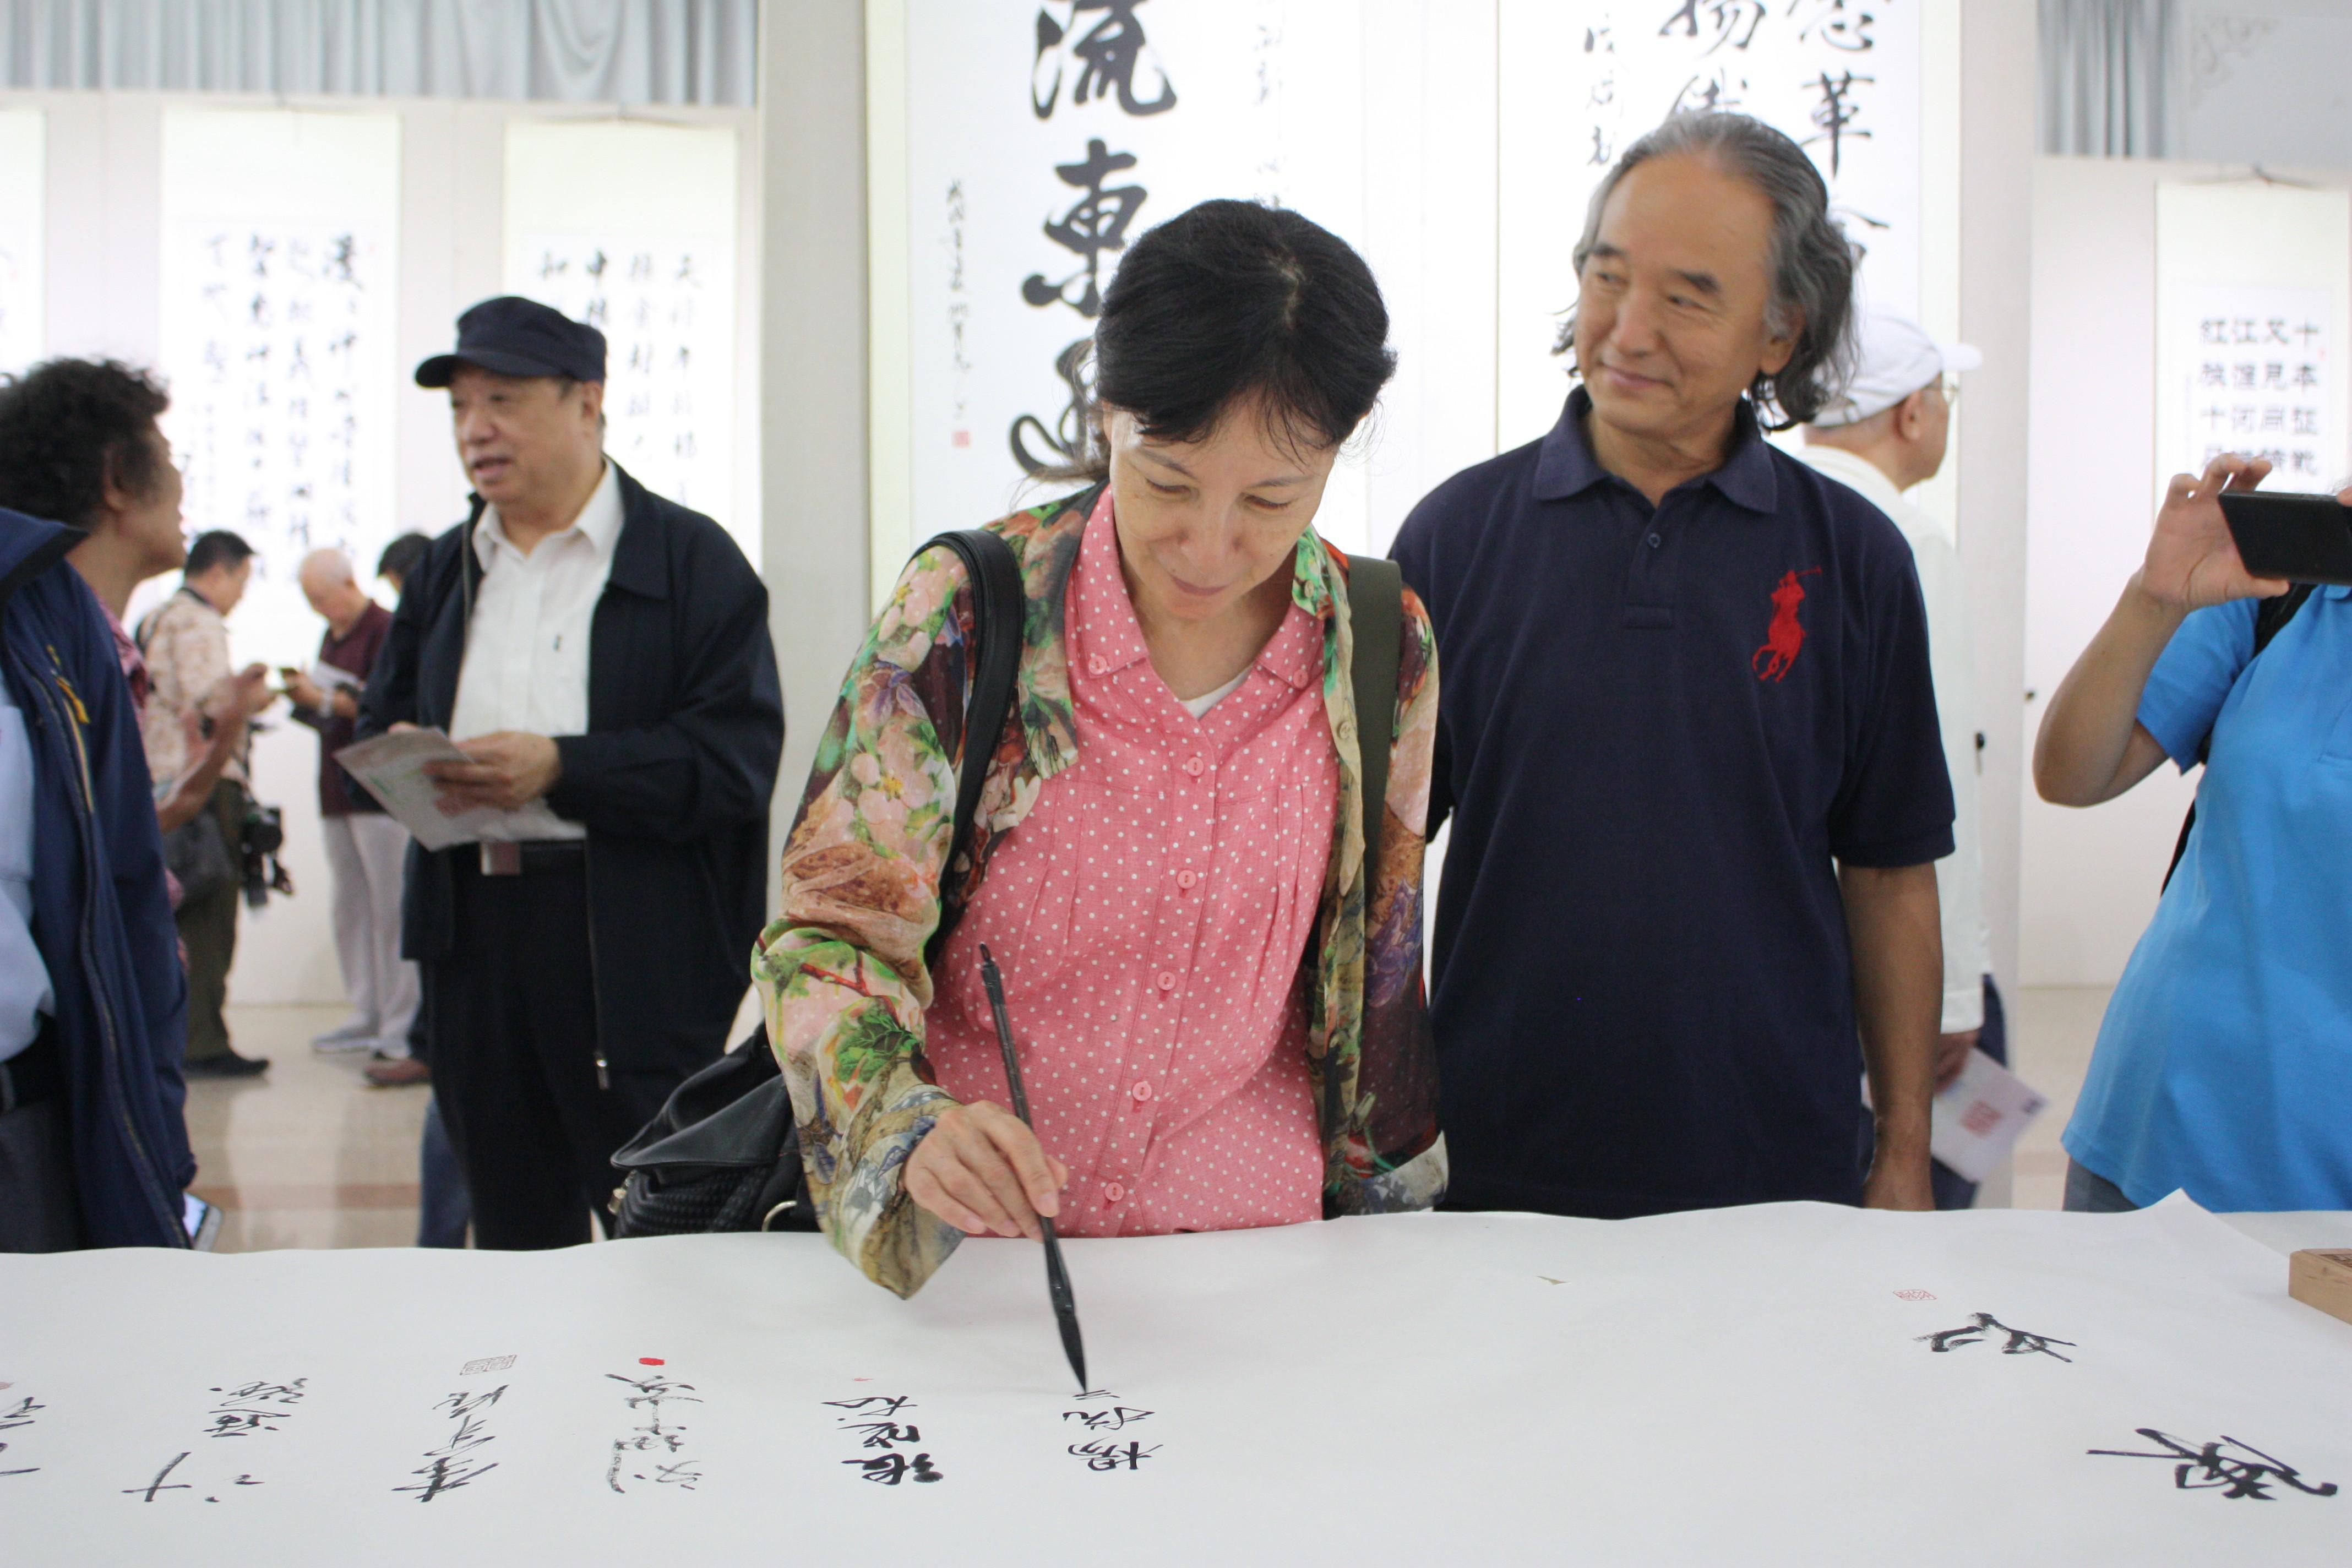 北京新四军研究会副会长兼秘书长杨抗美签名留念.JPG